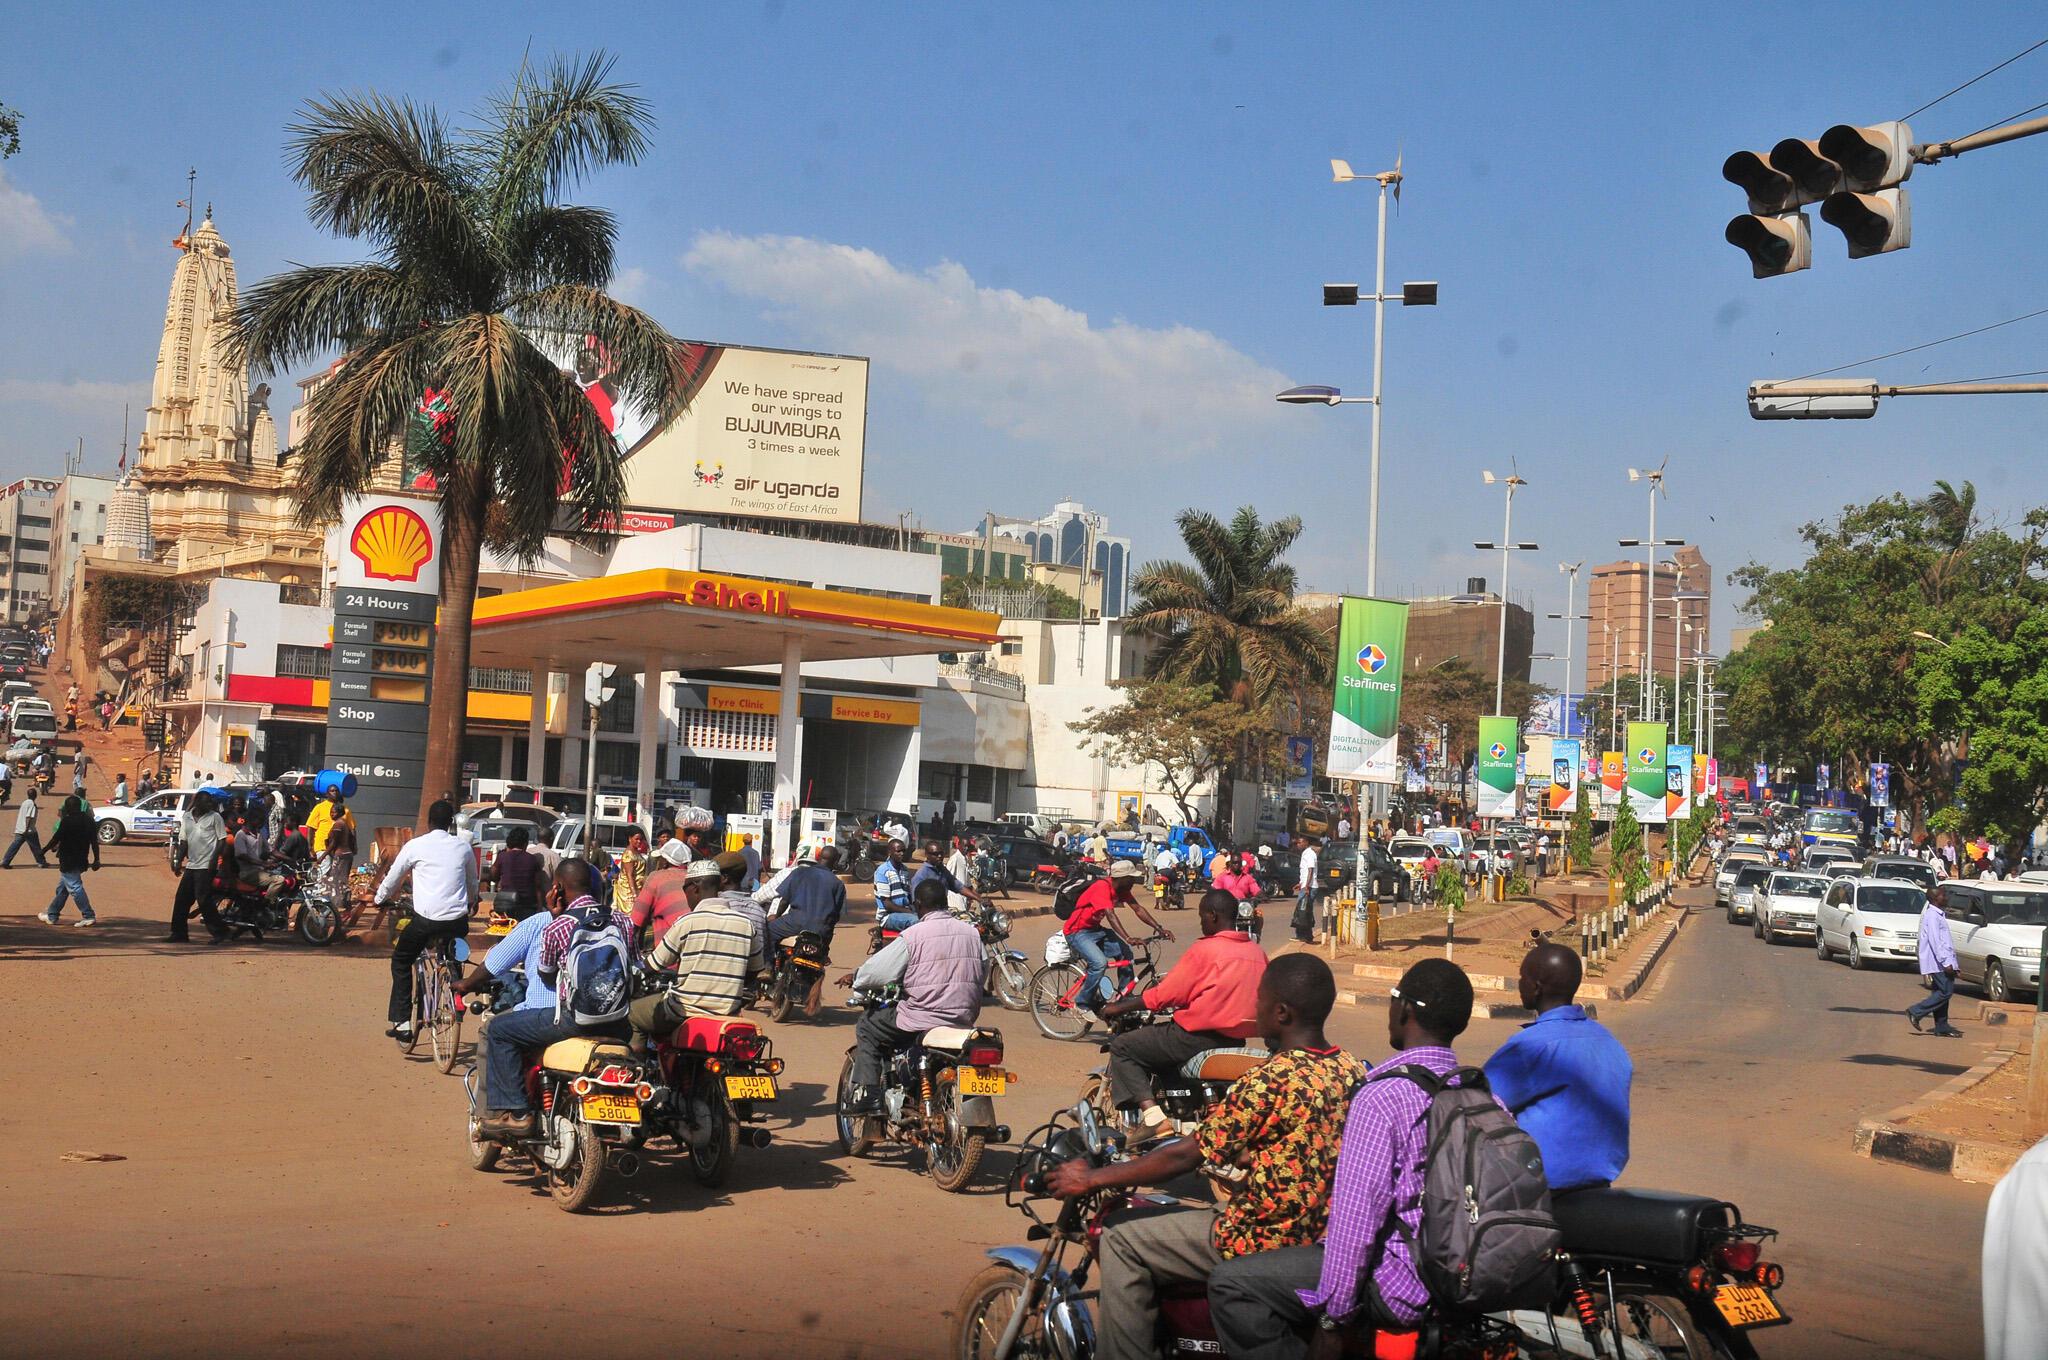 Dans une rue de Kampala, capitale de l'Ouganda. (Image d'illustration)